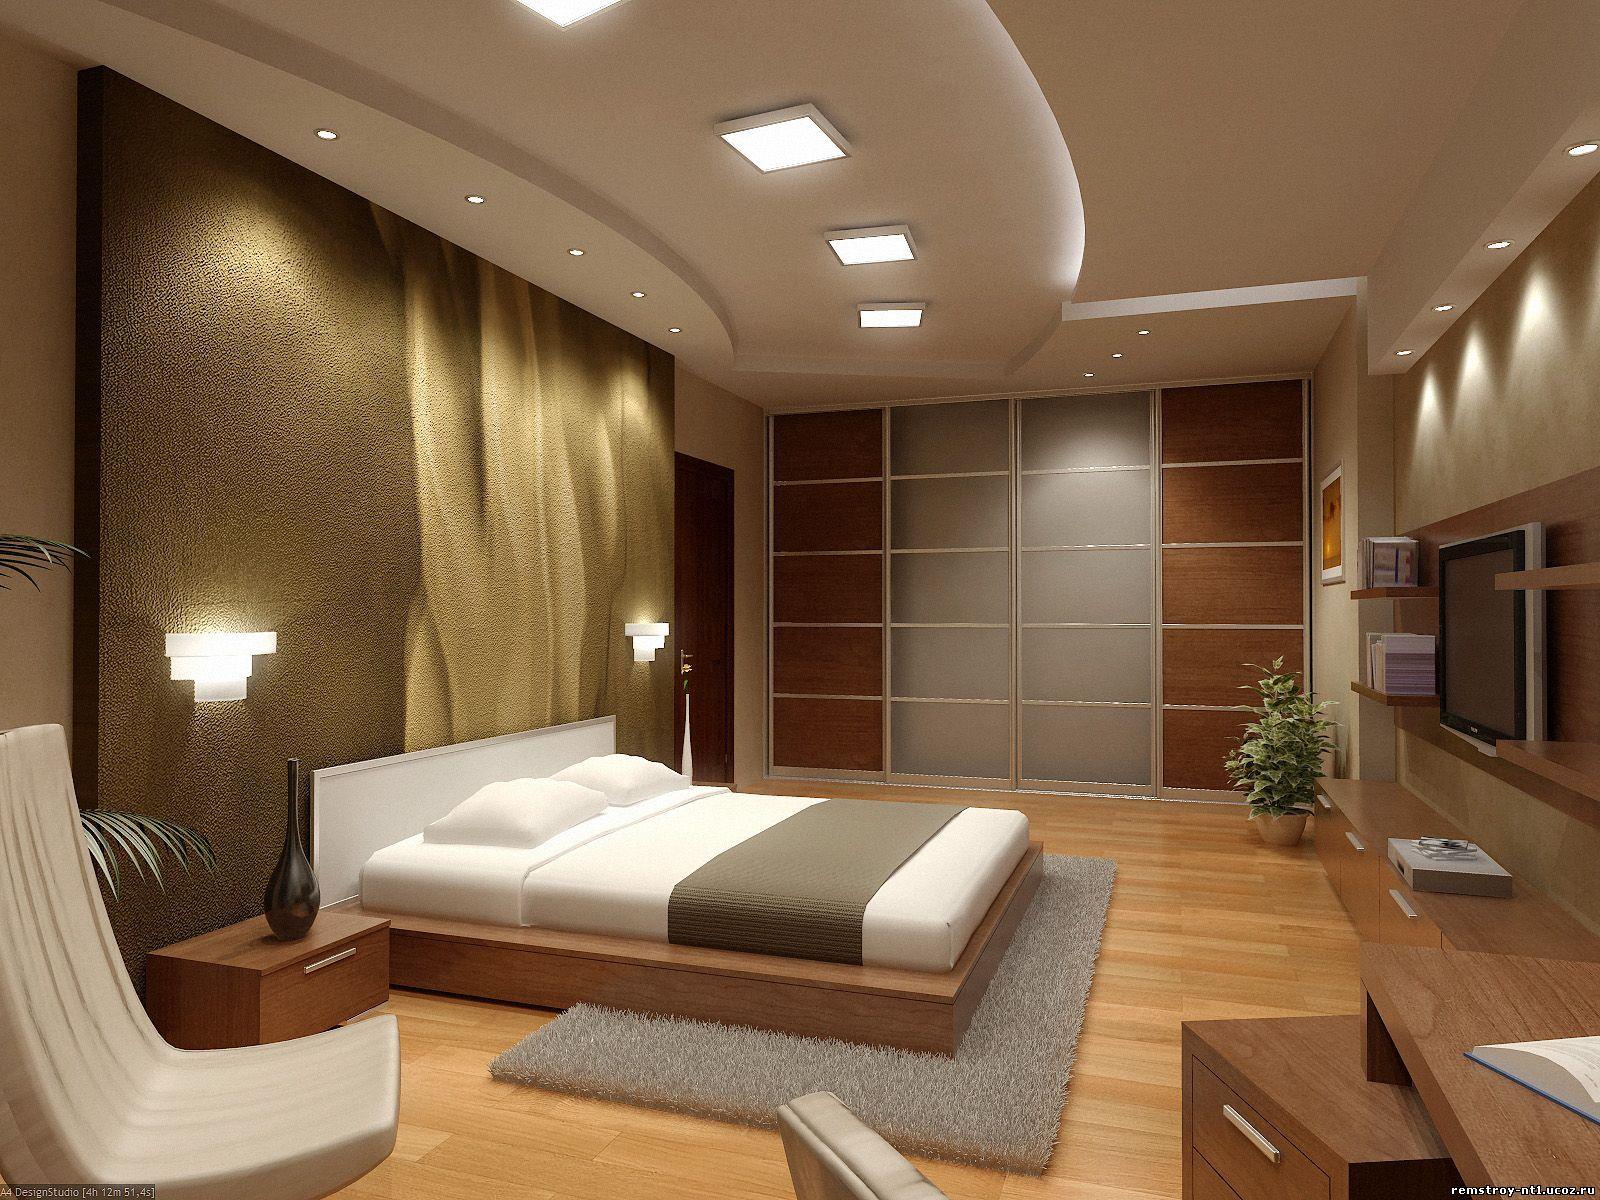 Фото ремонта дизайна и интерьера квартир